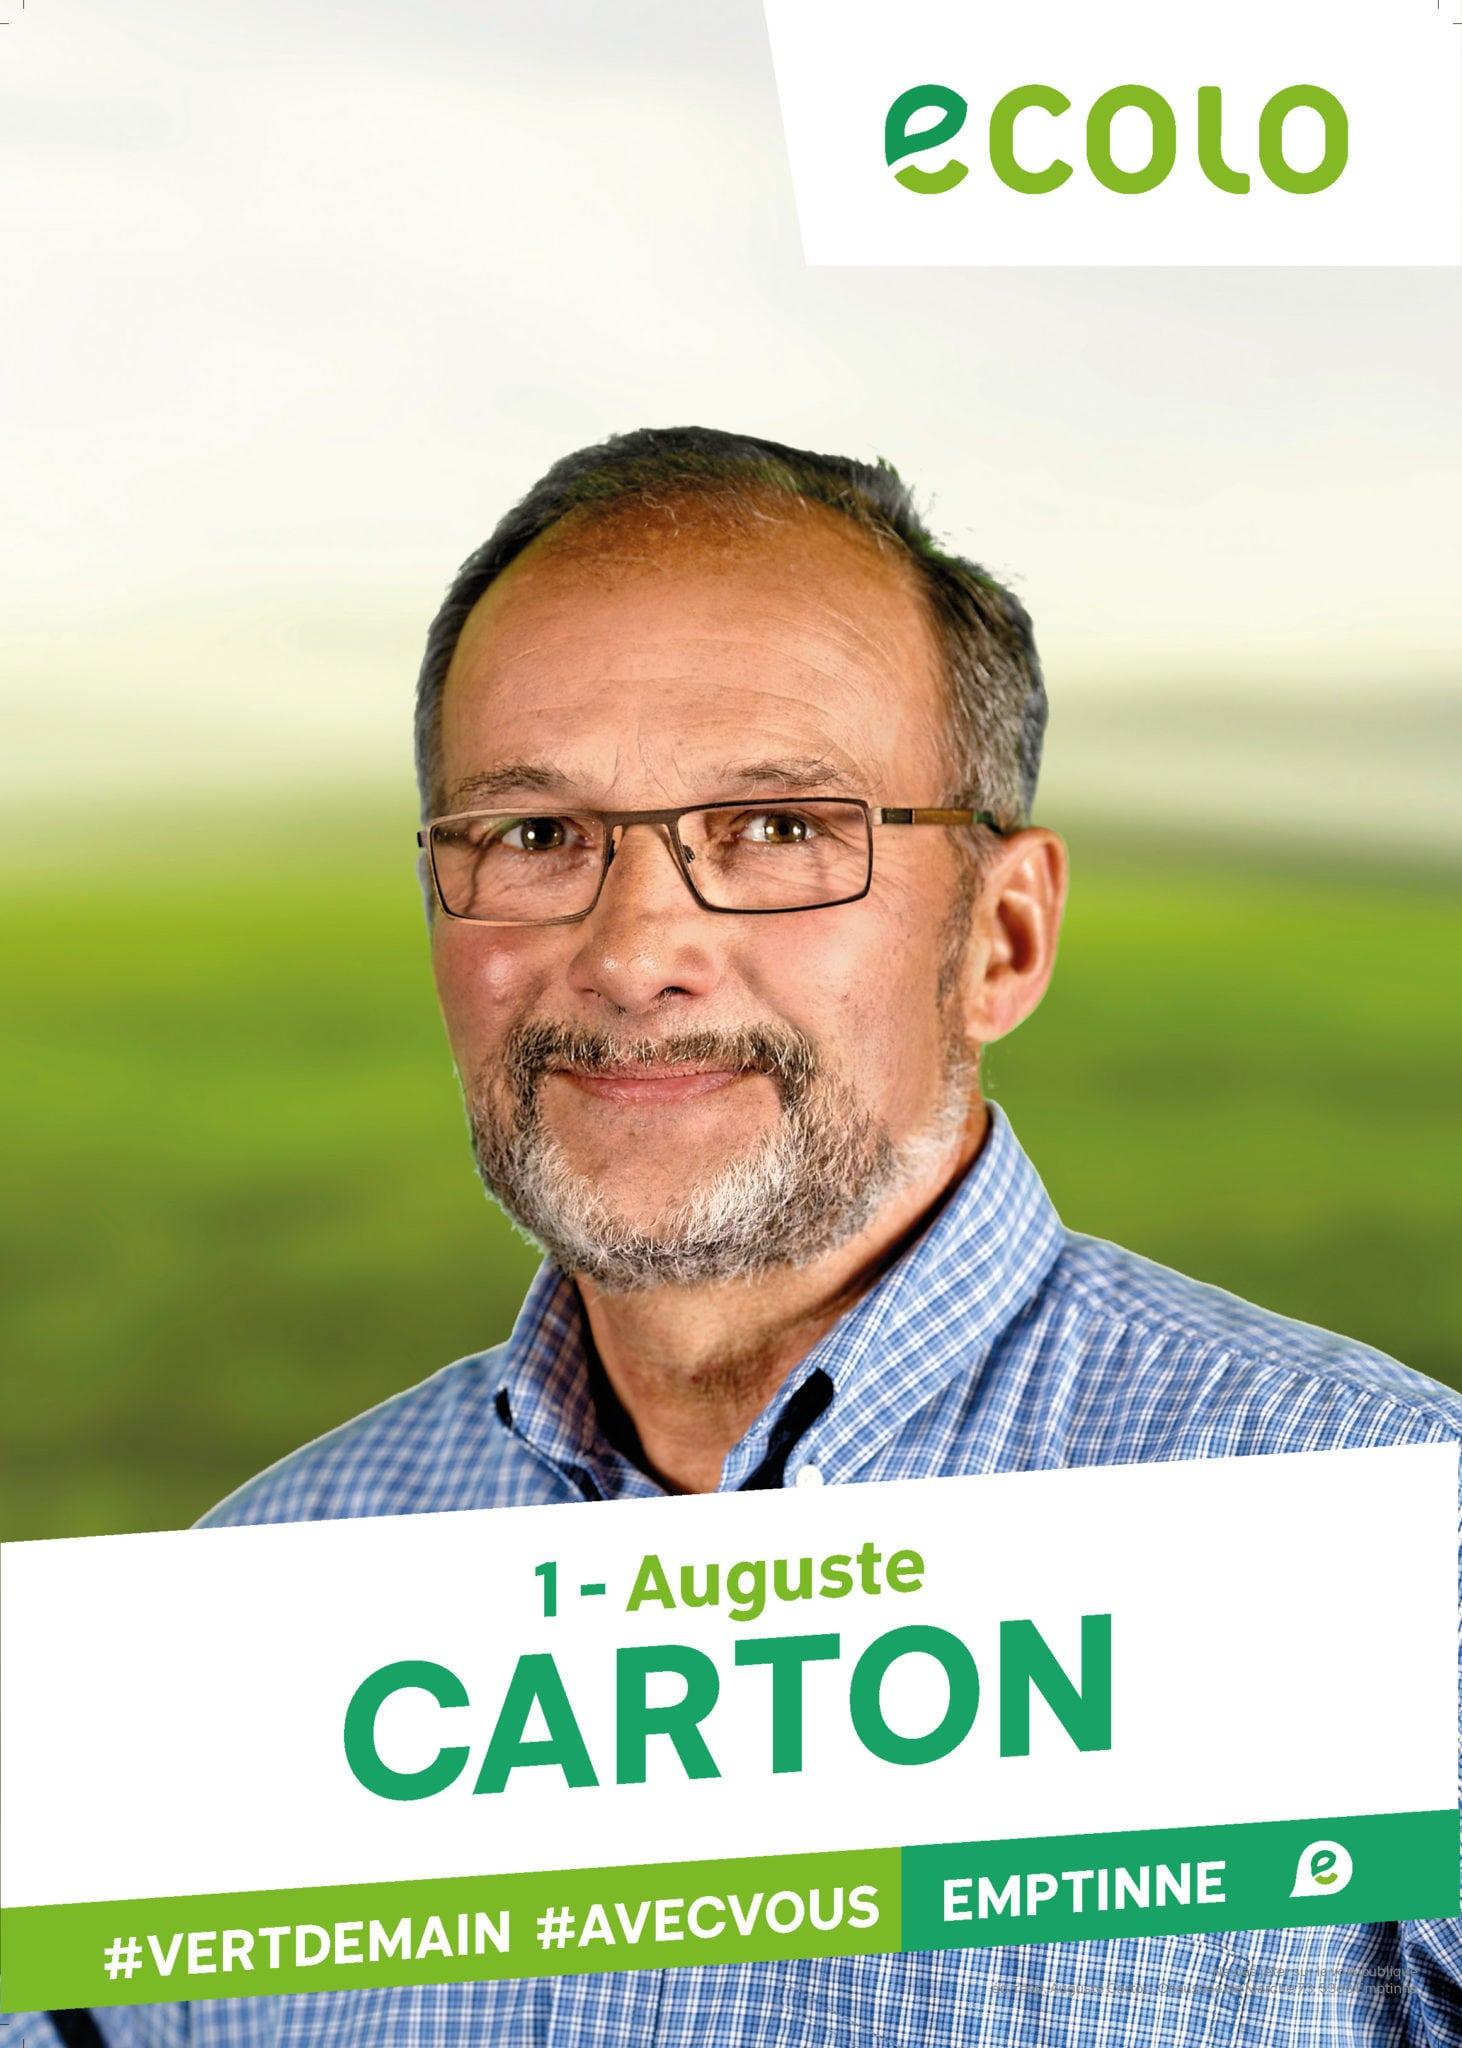 1 - Auguste CARTON